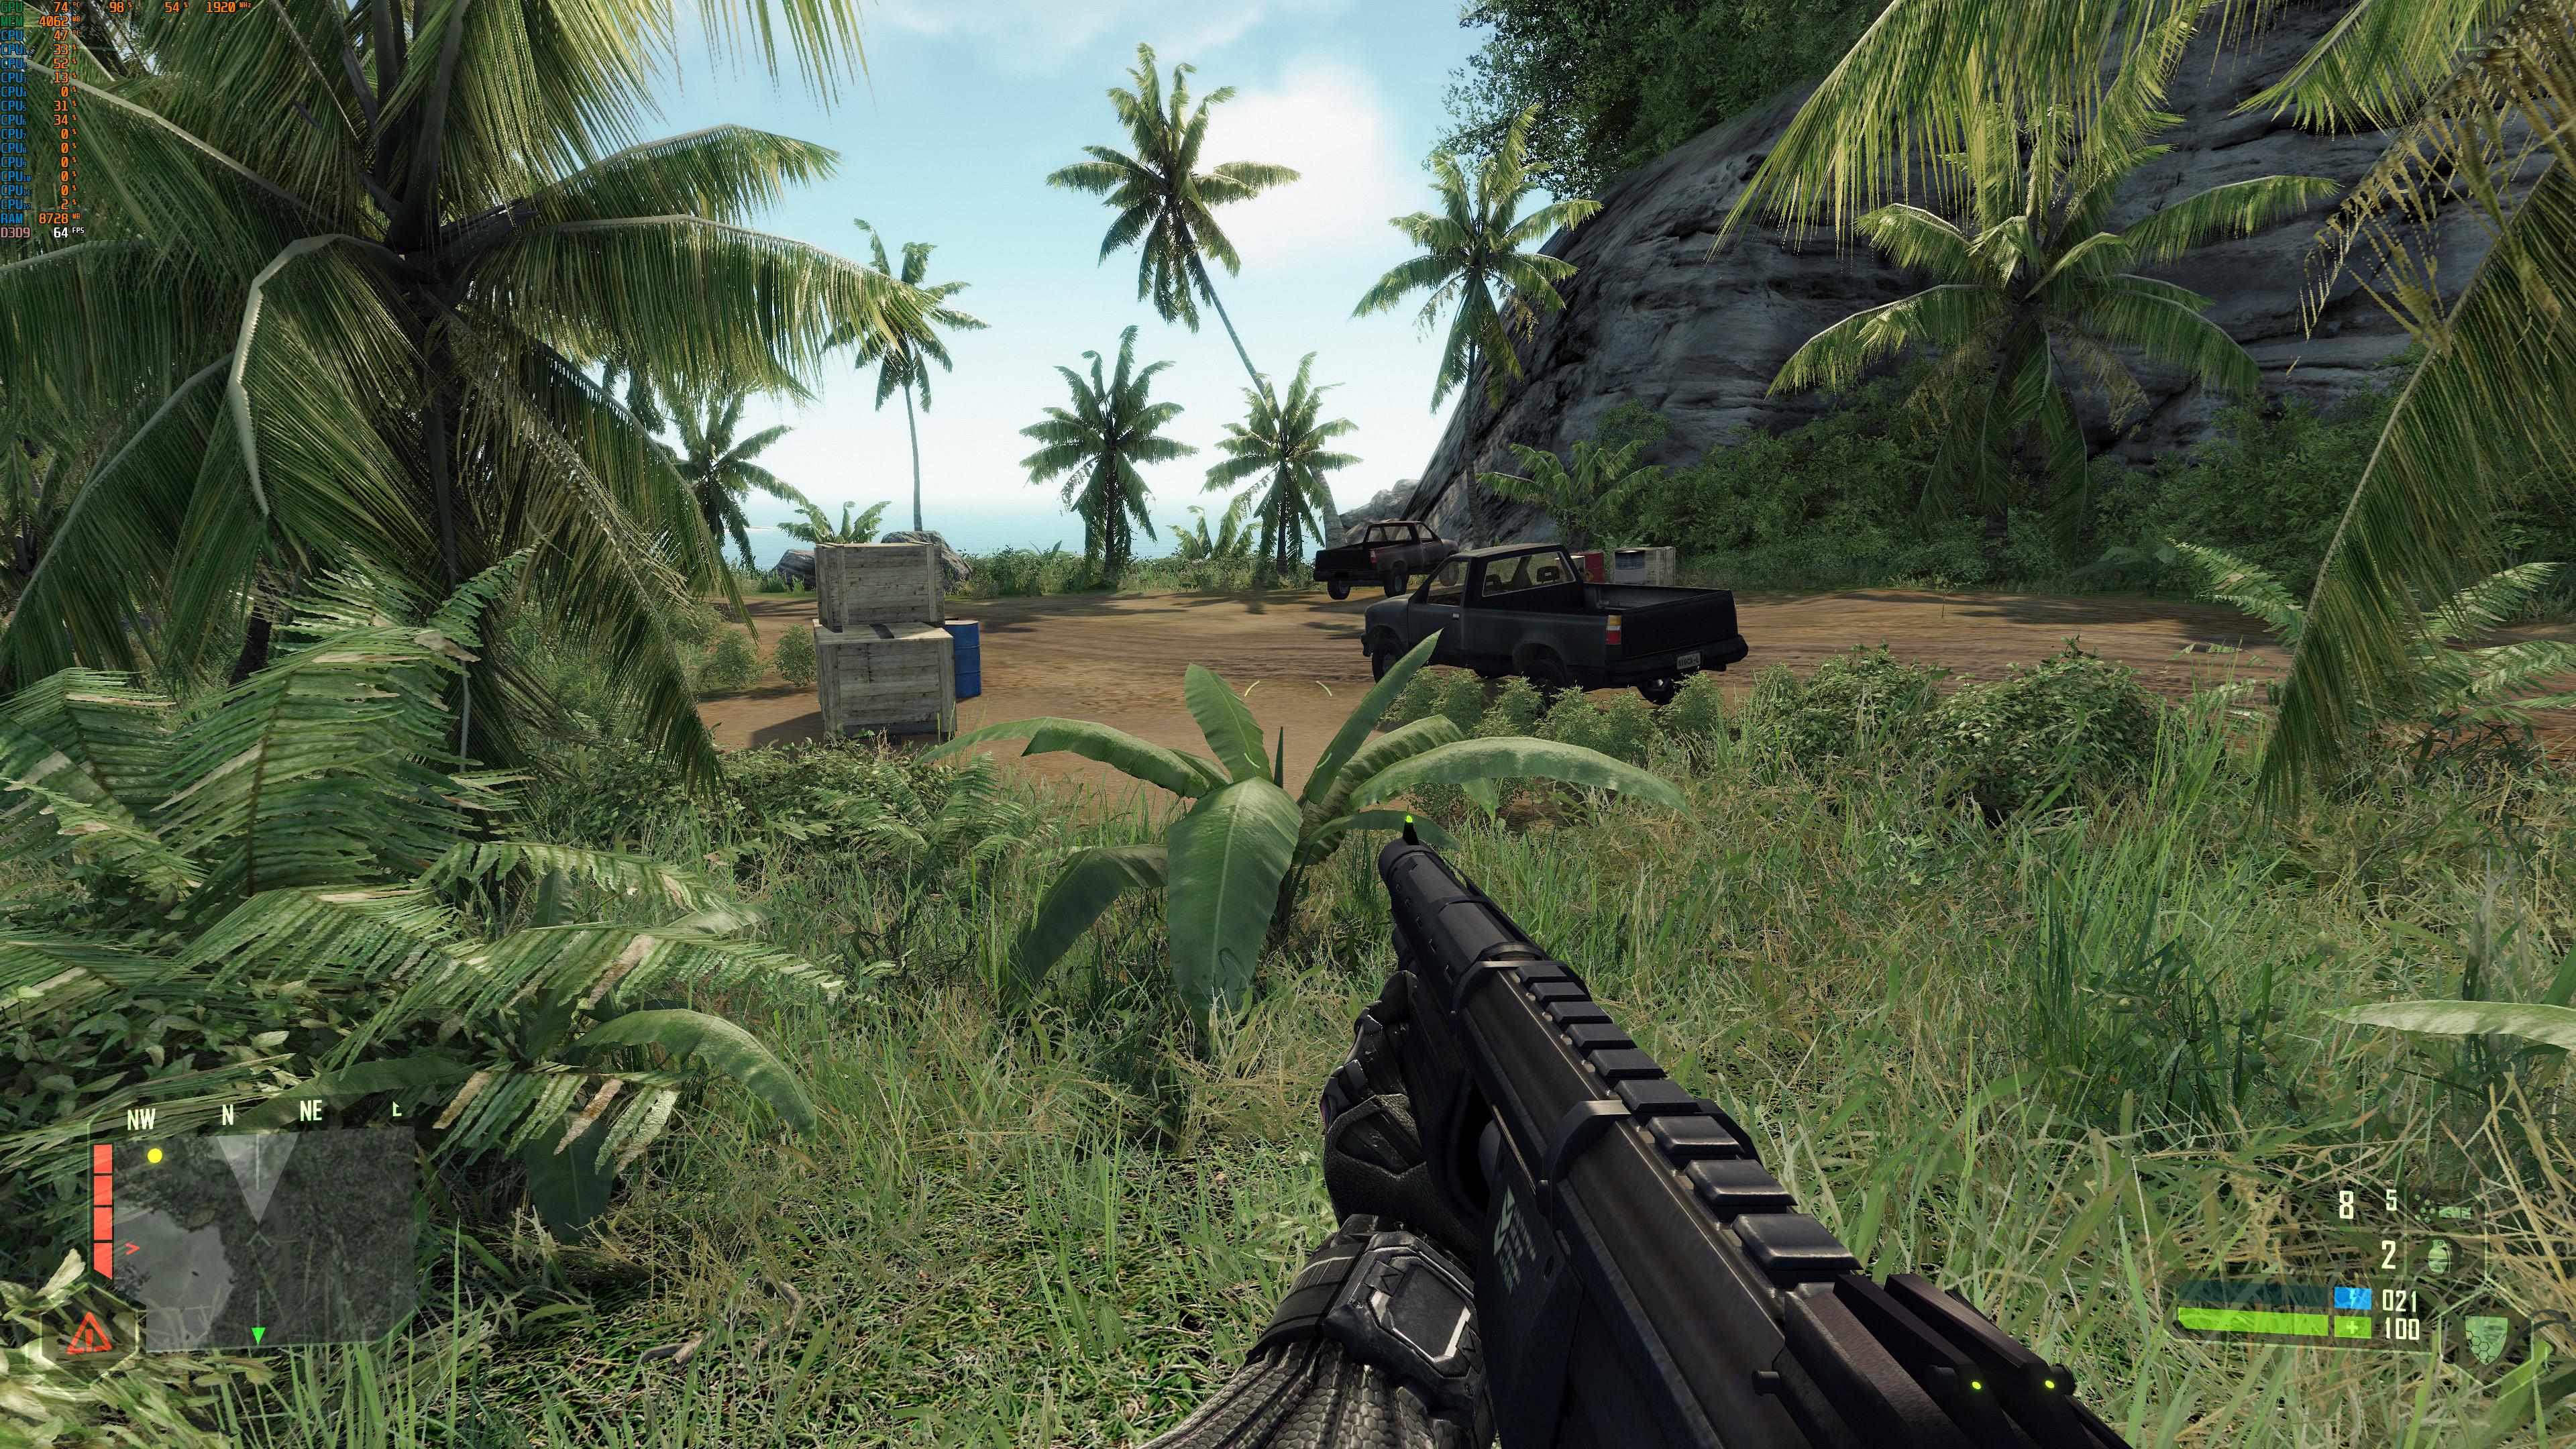 Perché Crysis Remastered è necessario, anche se l'originale sembra ancora così bene